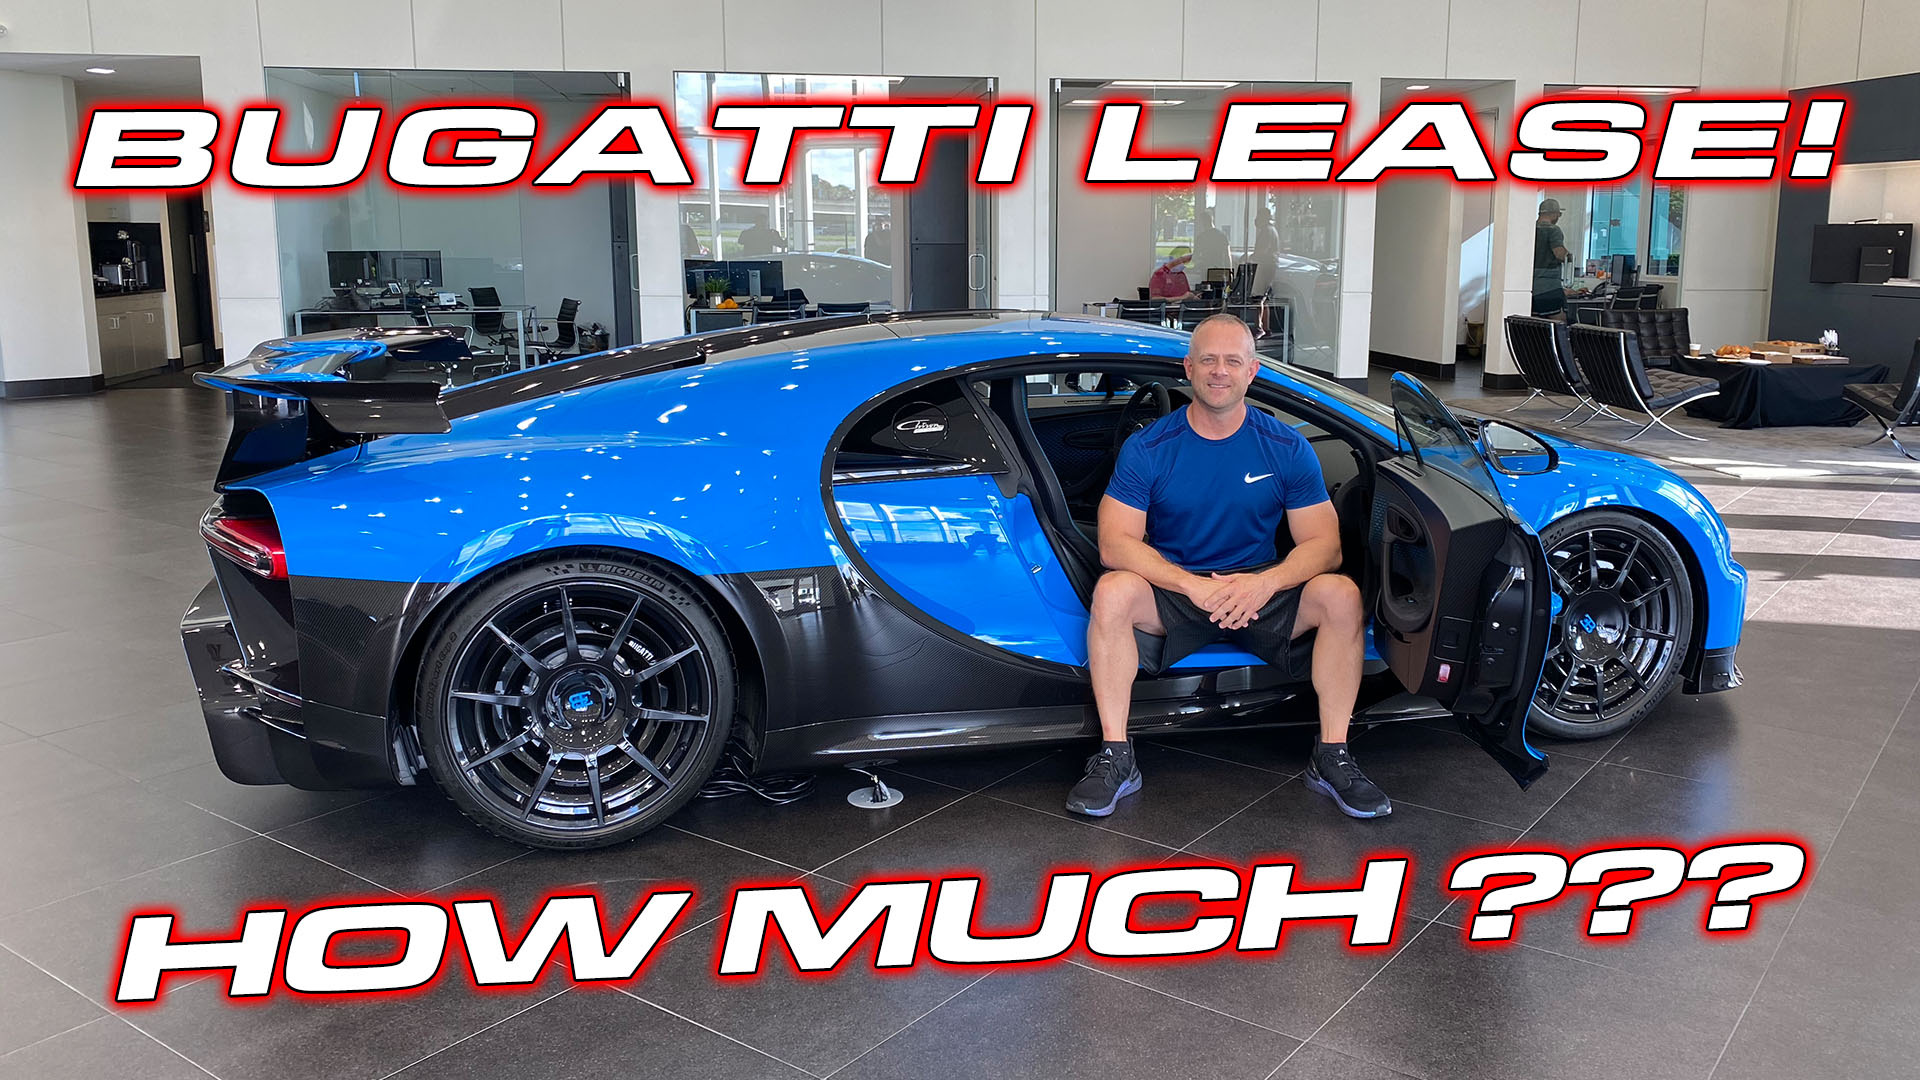 Bugatti Chiron Lease Deal